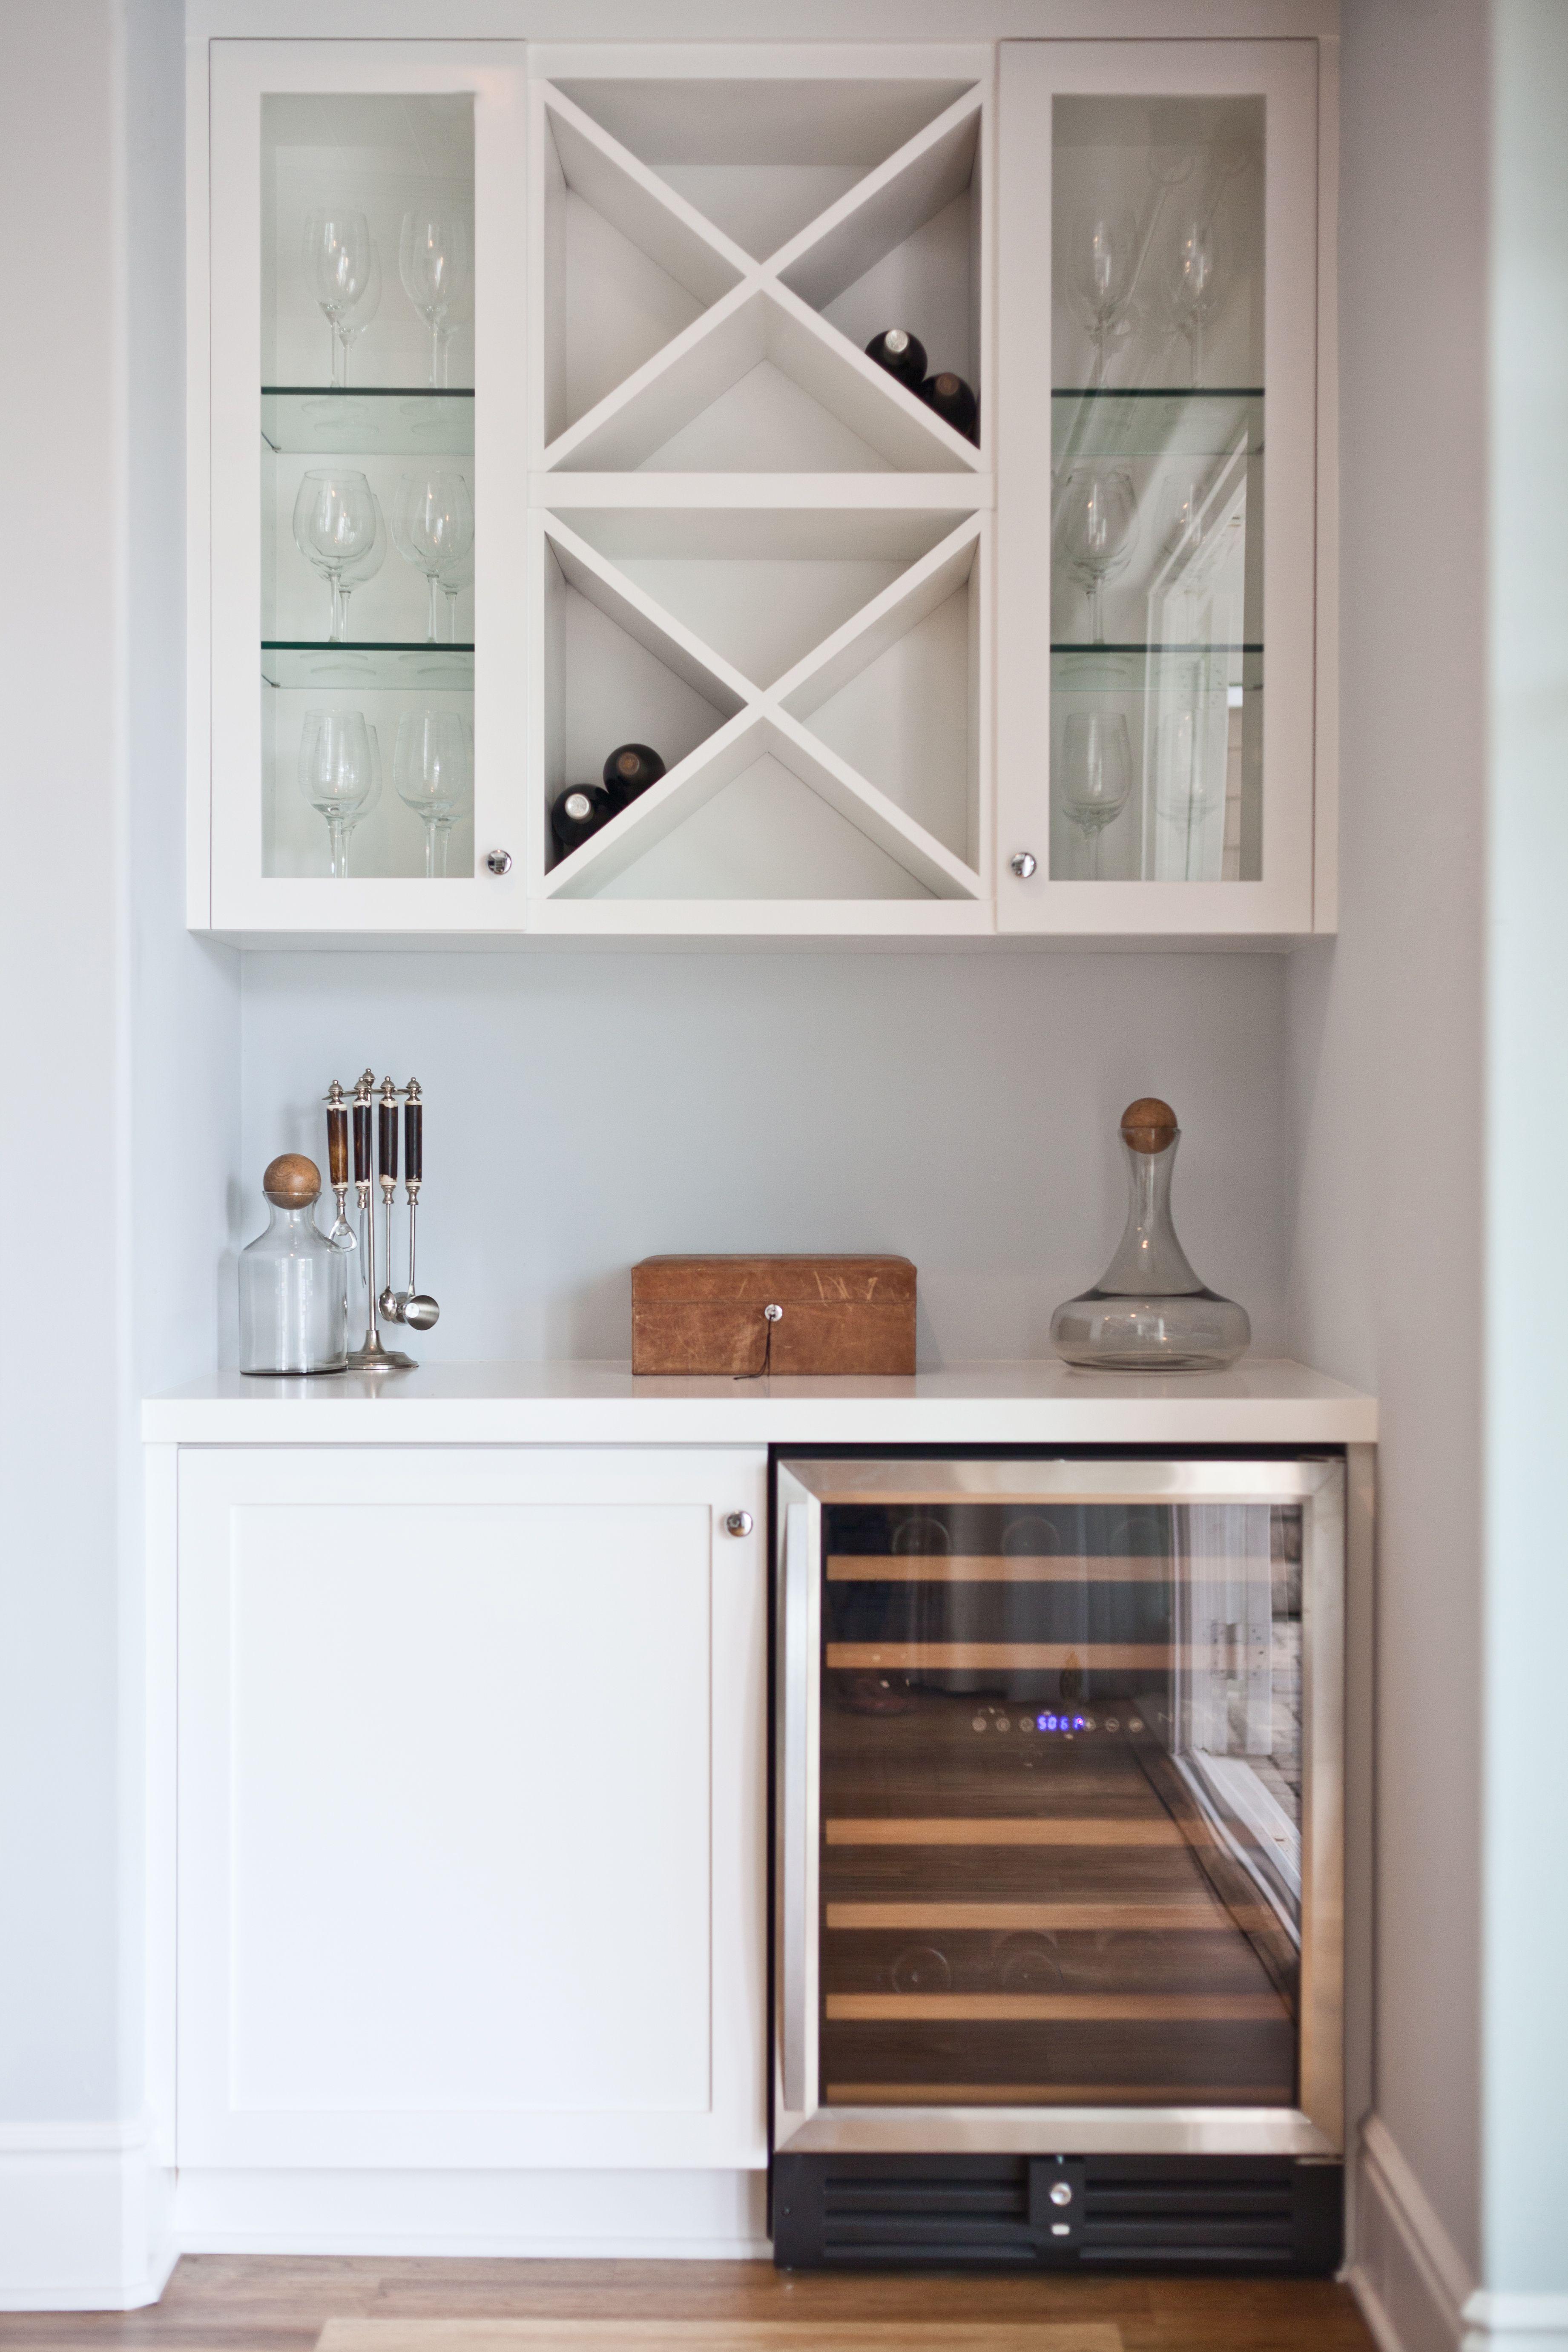 Innenarchitektur für küchenschrank lindye galloway design lovely lil minibar station with bat fridge